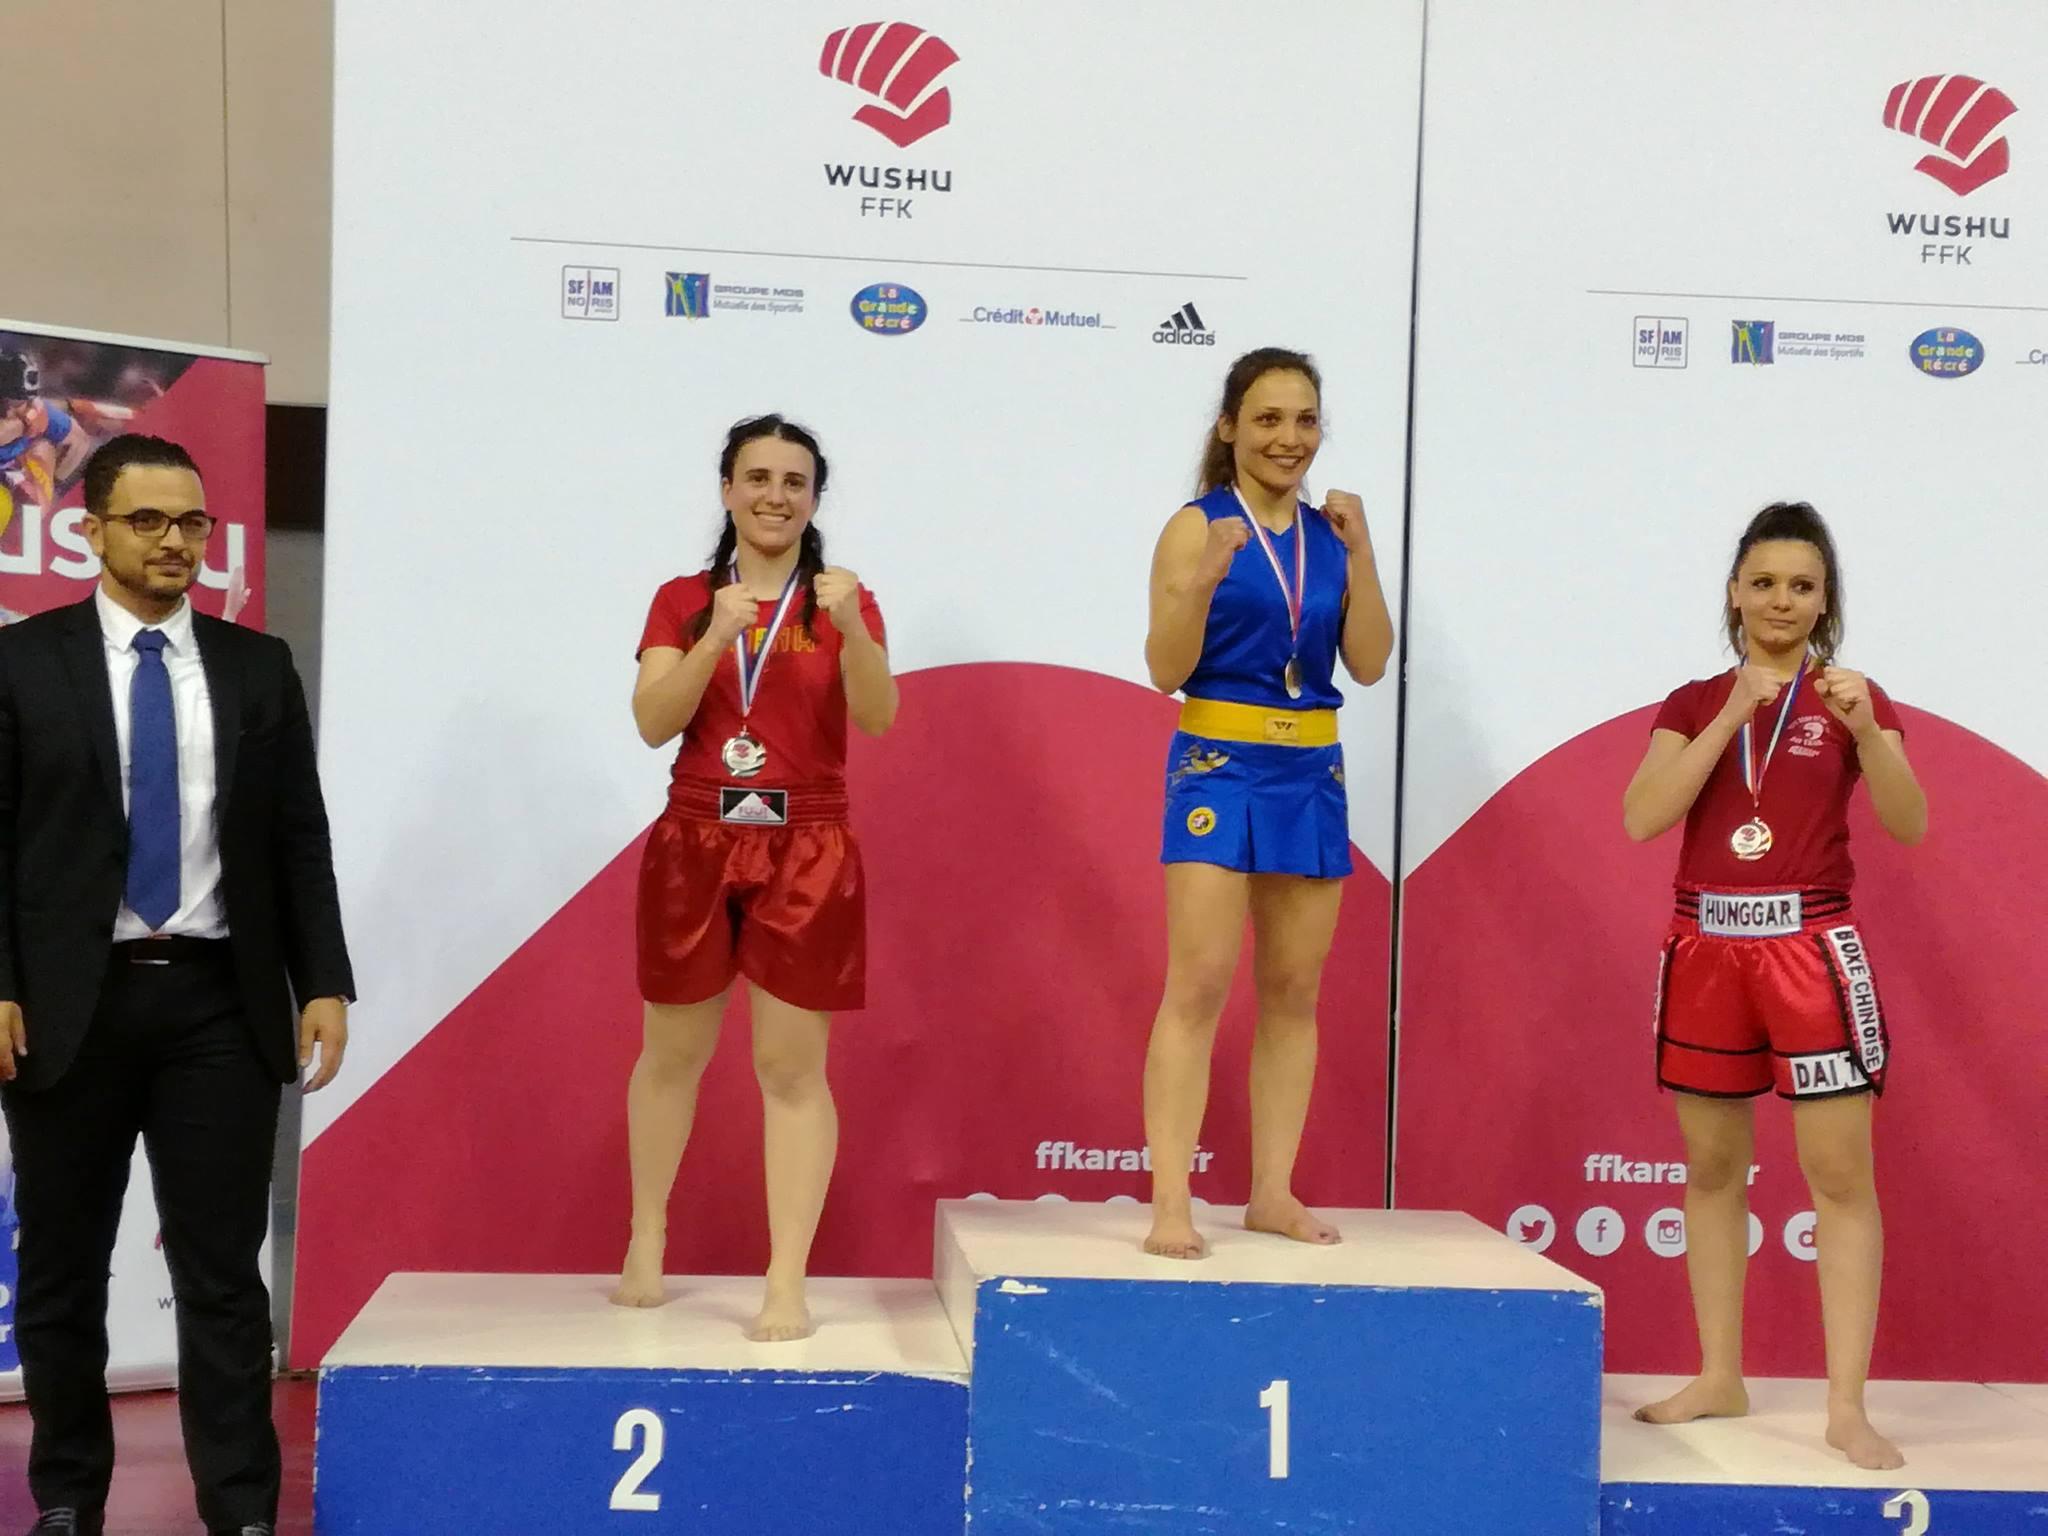 championnat france sanda 2018 angelique vogt barbarians fight wear honneur - 56 kg michel anstett entraîneur